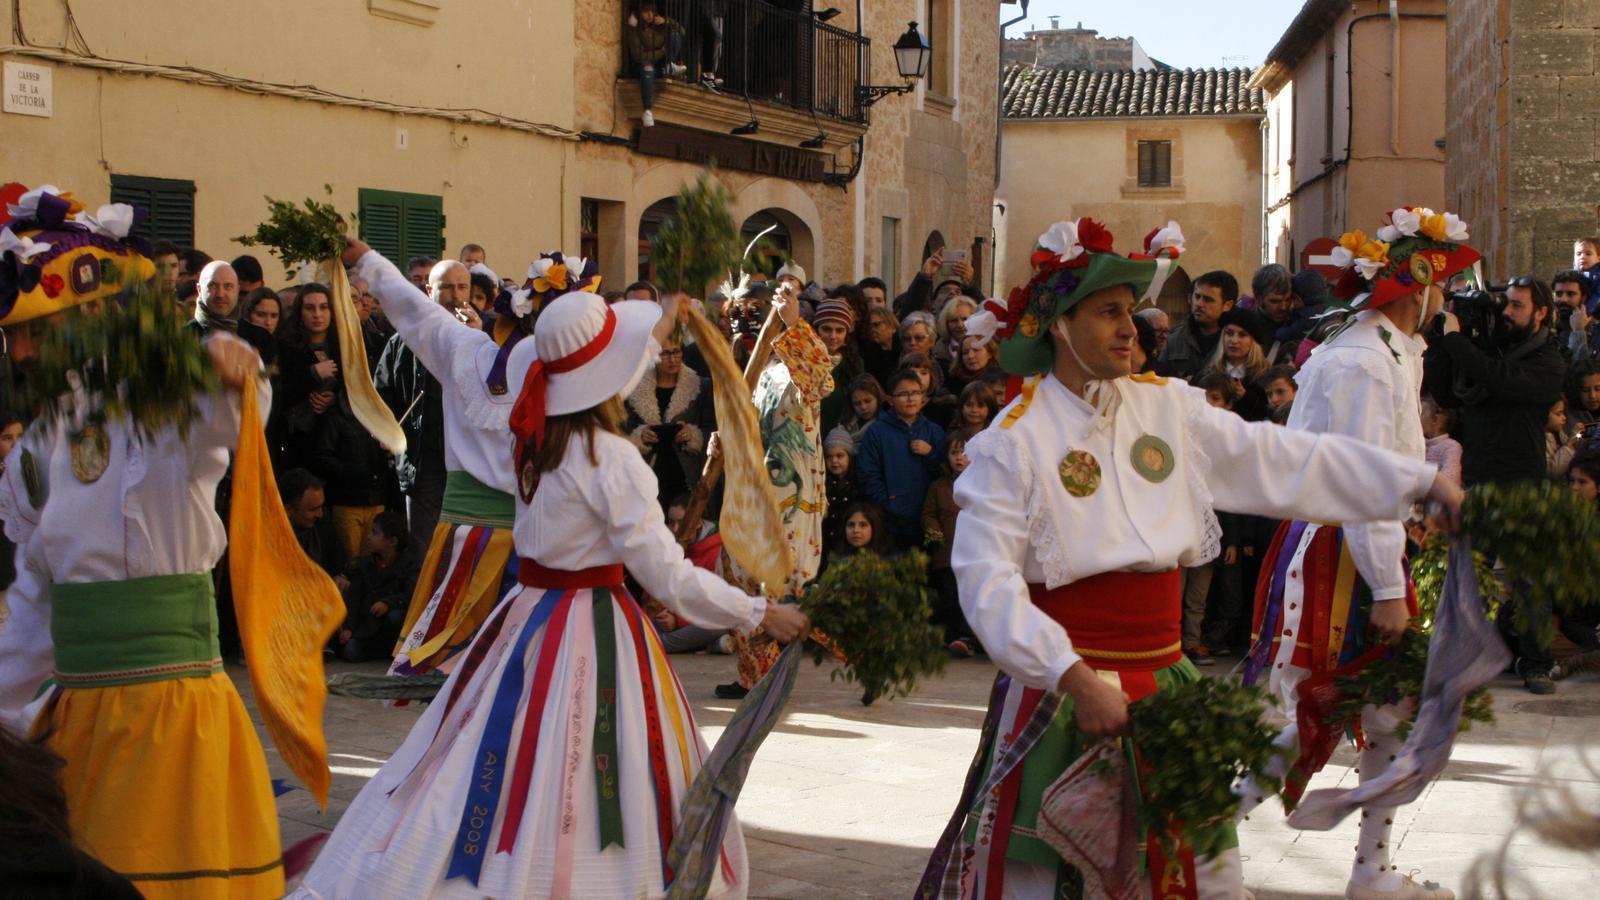 Una multitud de gent segueix les danses a la placeta, i també des d'alguns balcons.